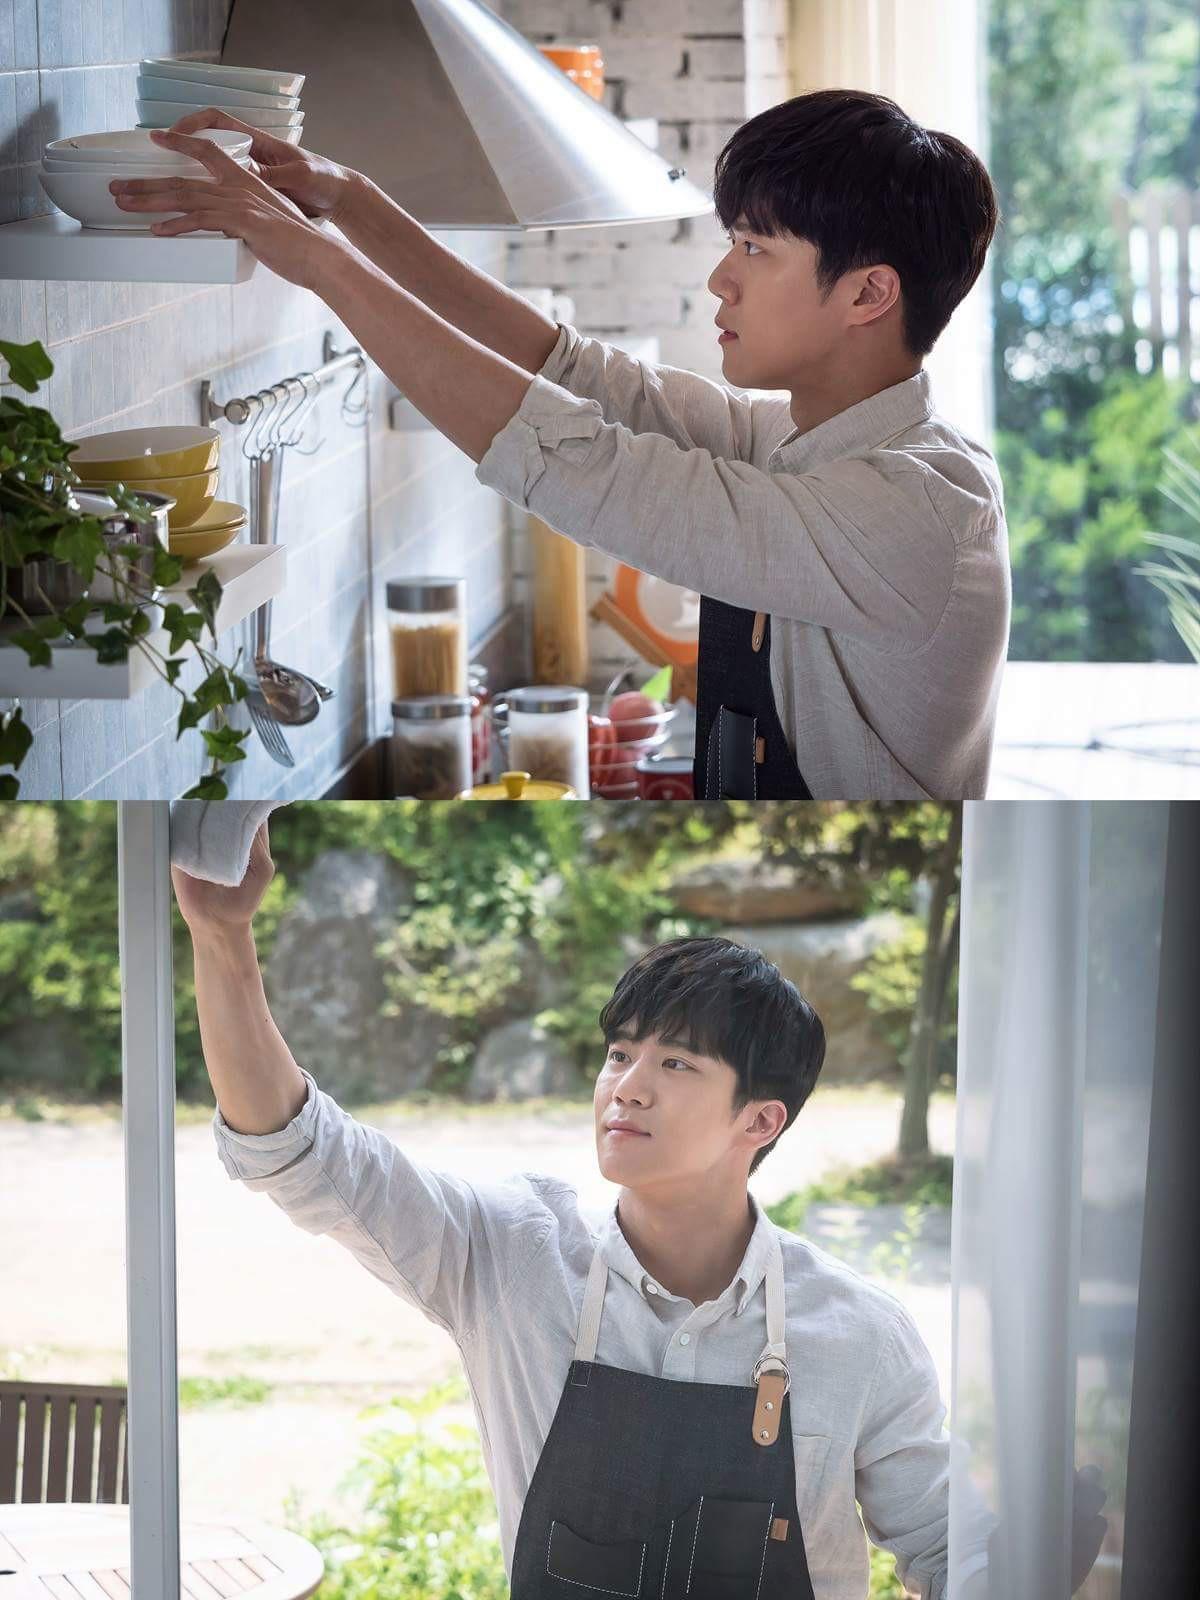 Your House Helper: Chuyện chàng quản gia đẹp hơn hoa xứ Hàn dọn dẹp tâm hồn người xem - Ảnh 3.